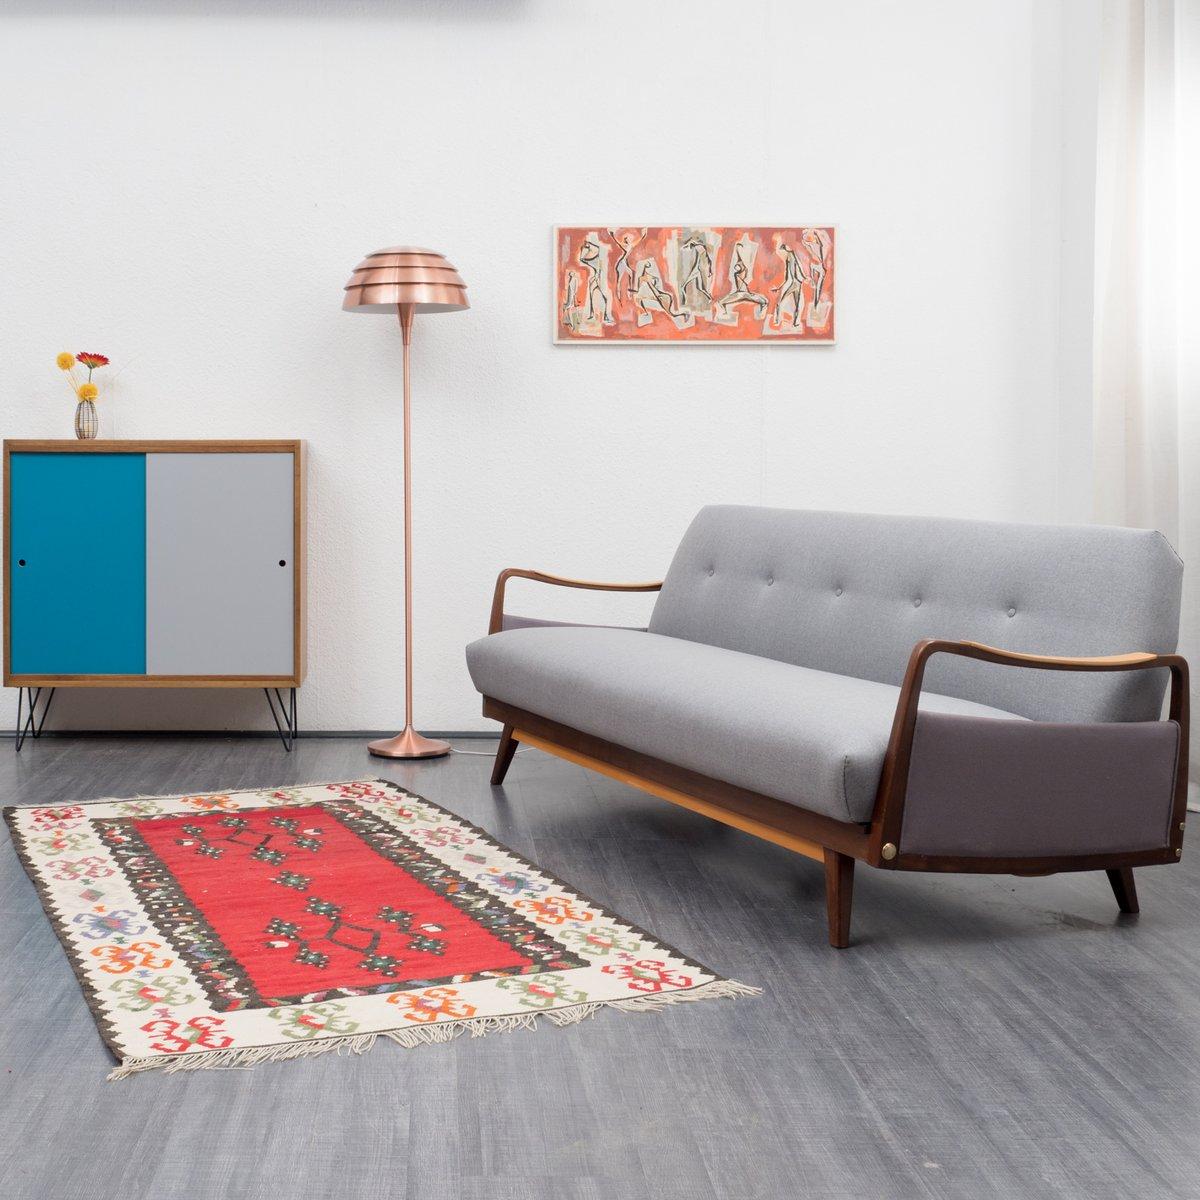 walnuss furnier highboard mit wendbaren schiebet ren. Black Bedroom Furniture Sets. Home Design Ideas